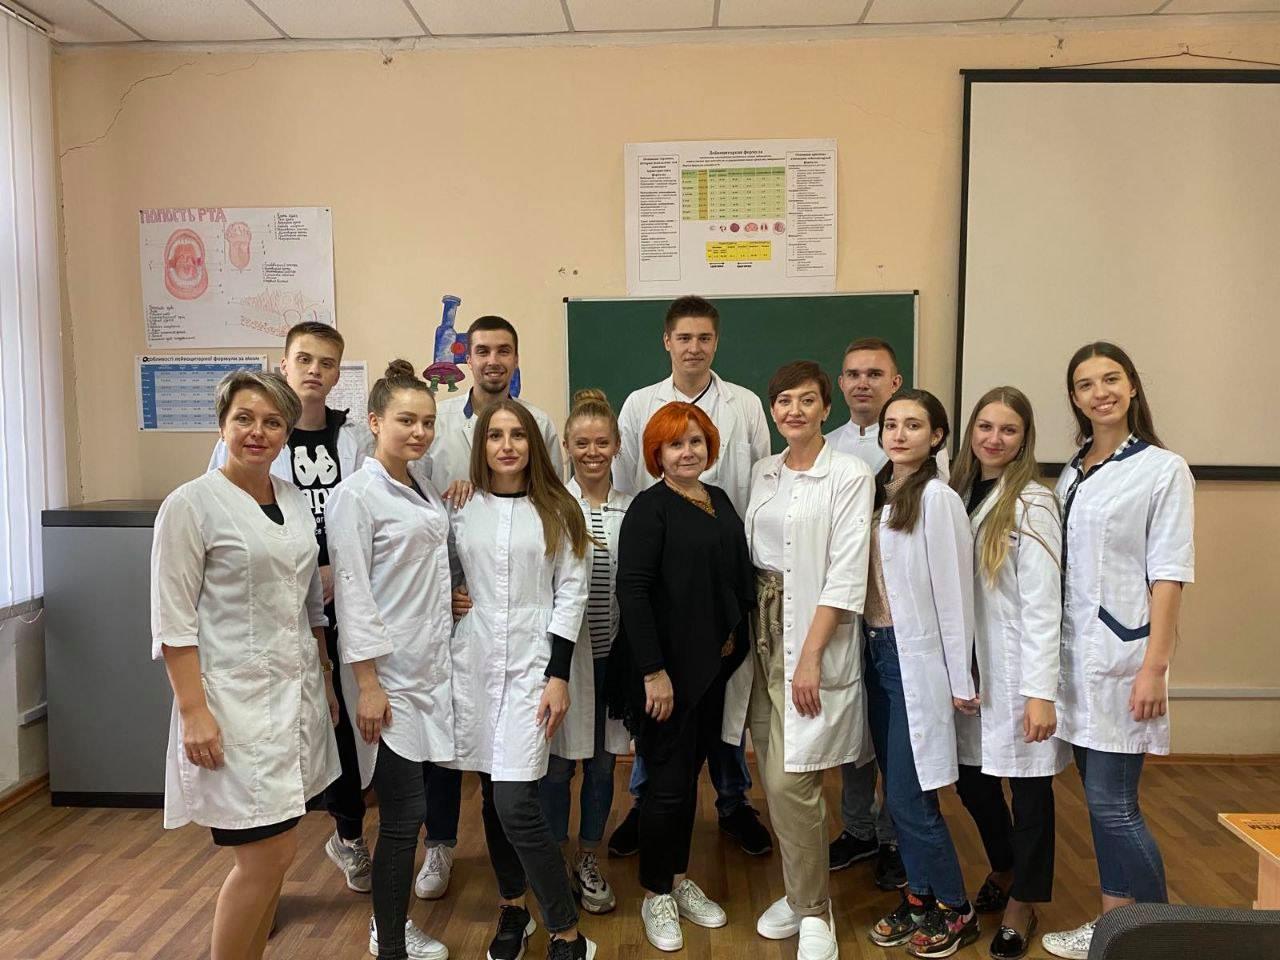 Молодь за здоровий спосіб життя: Студенти ДонНМУ долучилися до акції з профілактики ВІЛ-СНІДу